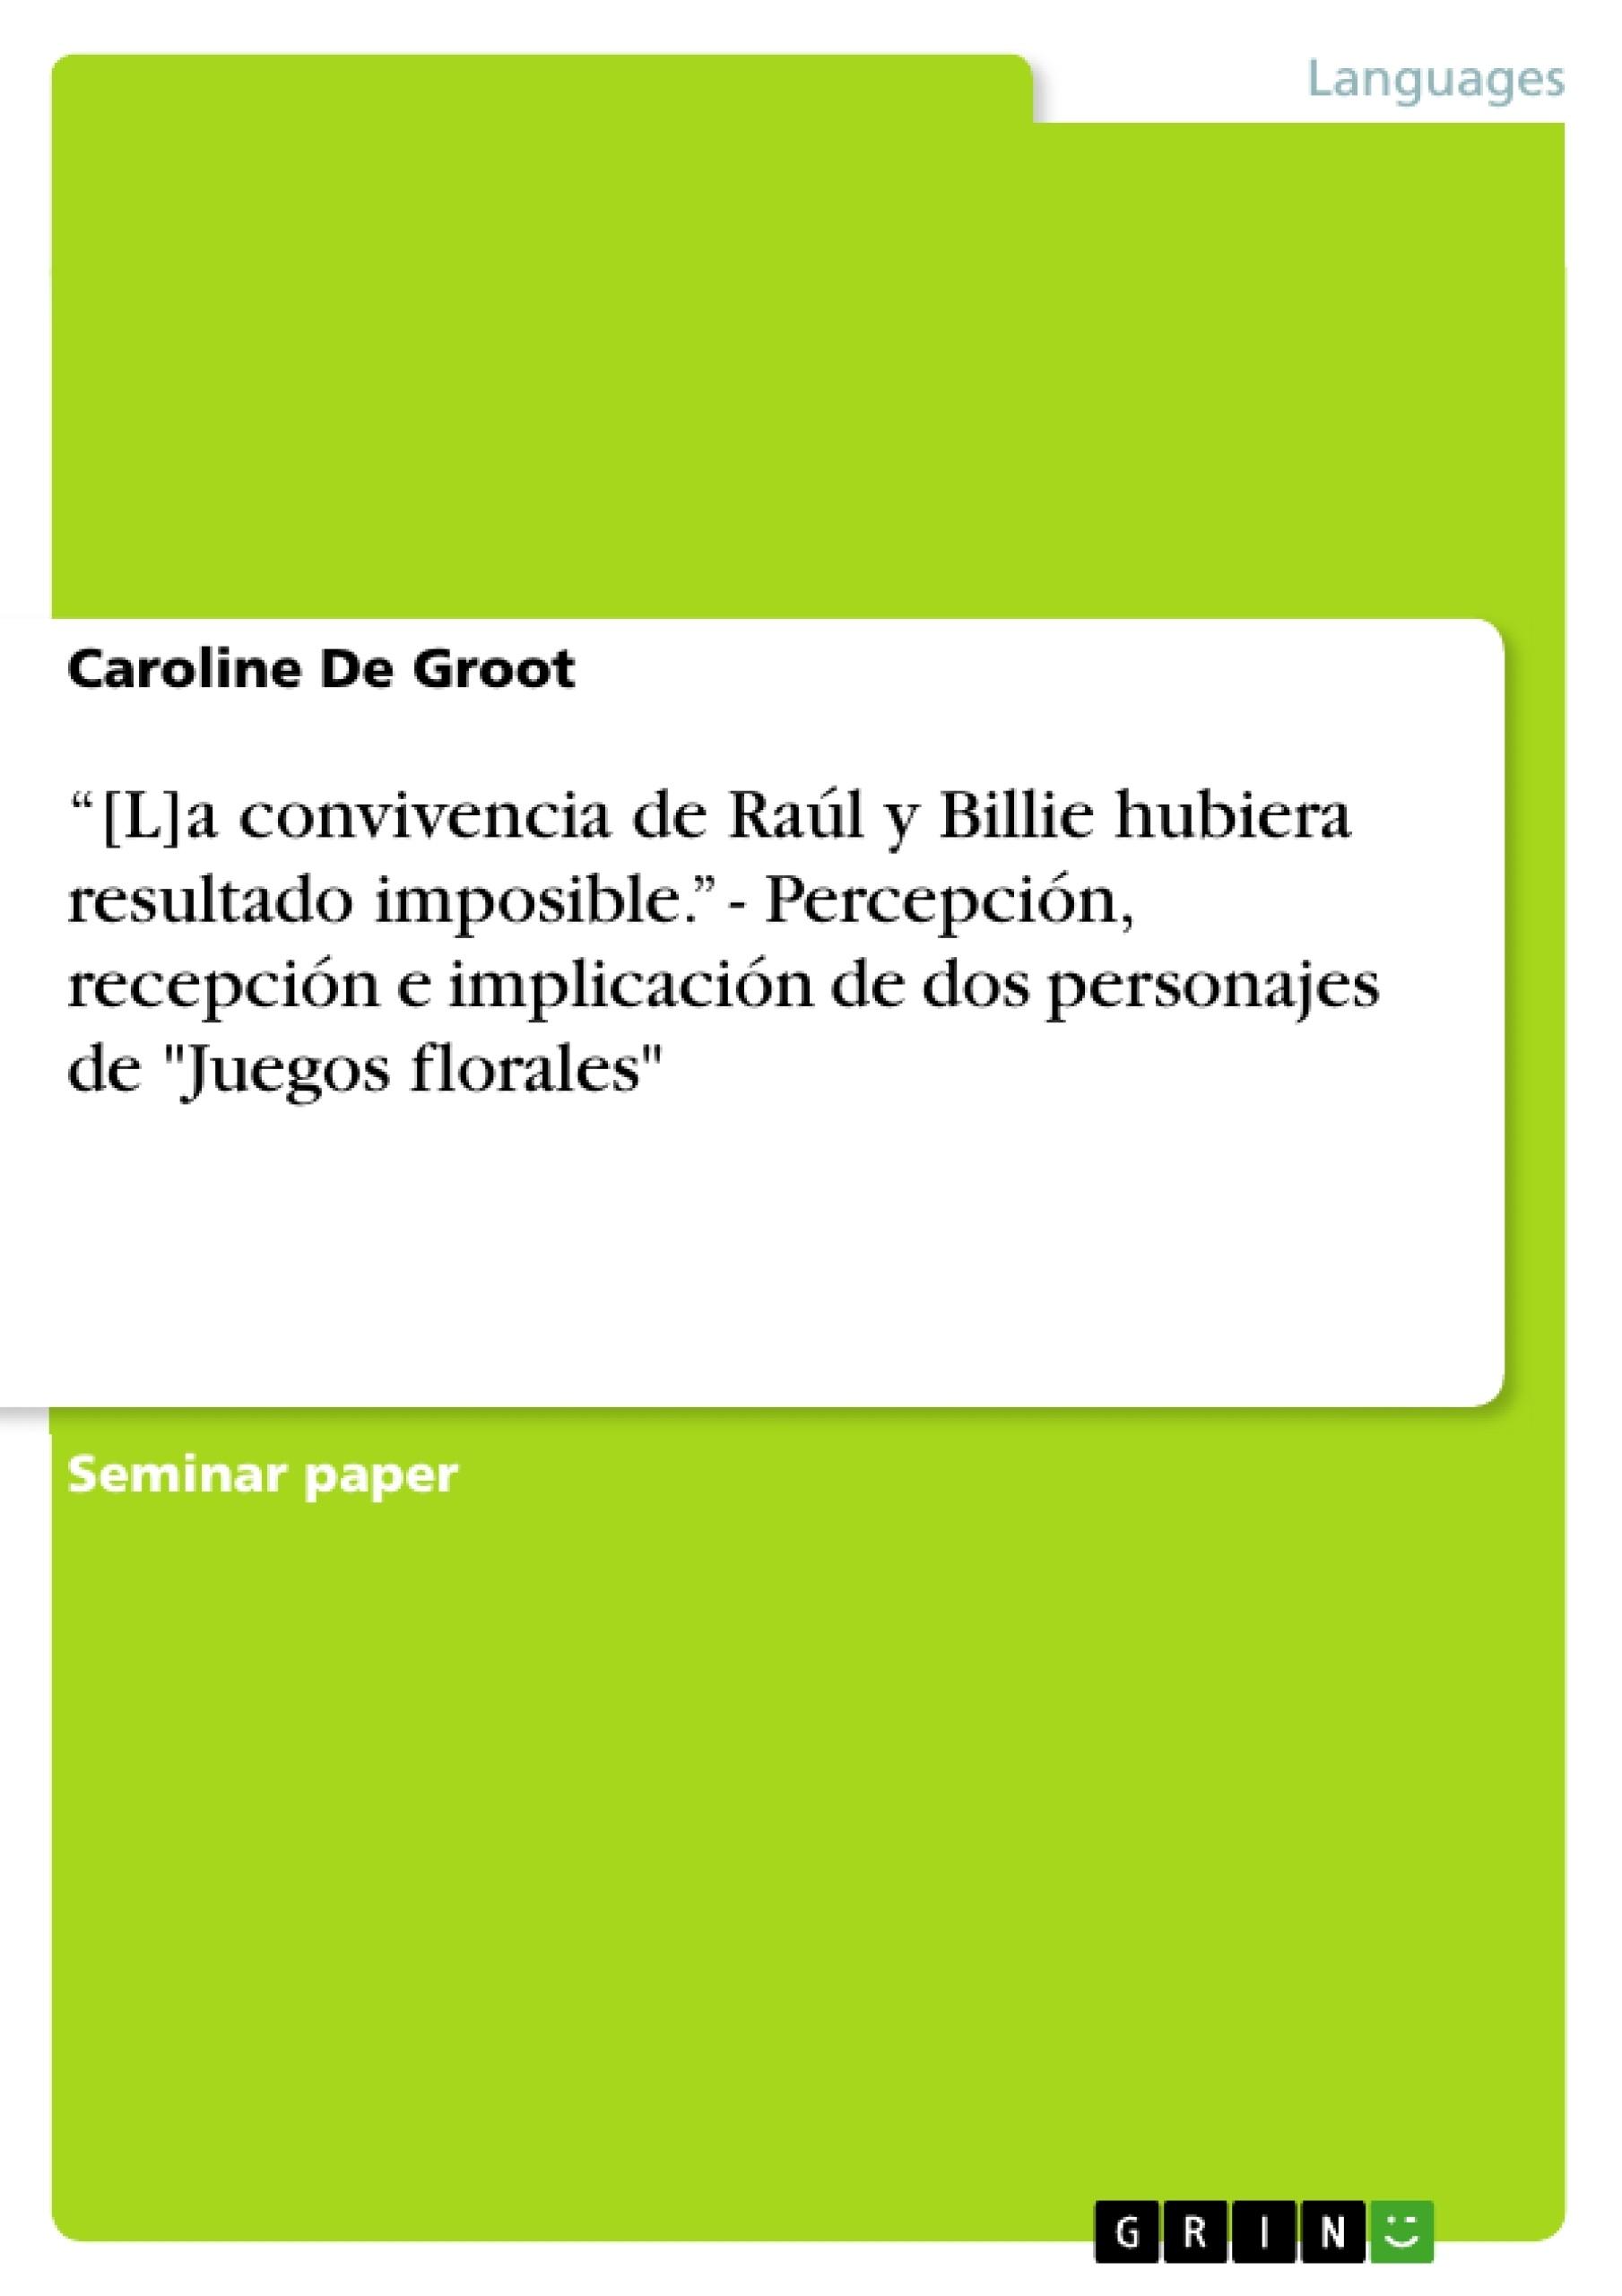 """Título: """"[L]a convivencia de Raúl y Billie hubiera resultado imposible."""" - Percepción, recepción e implicación de dos personajes de """"Juegos florales"""""""